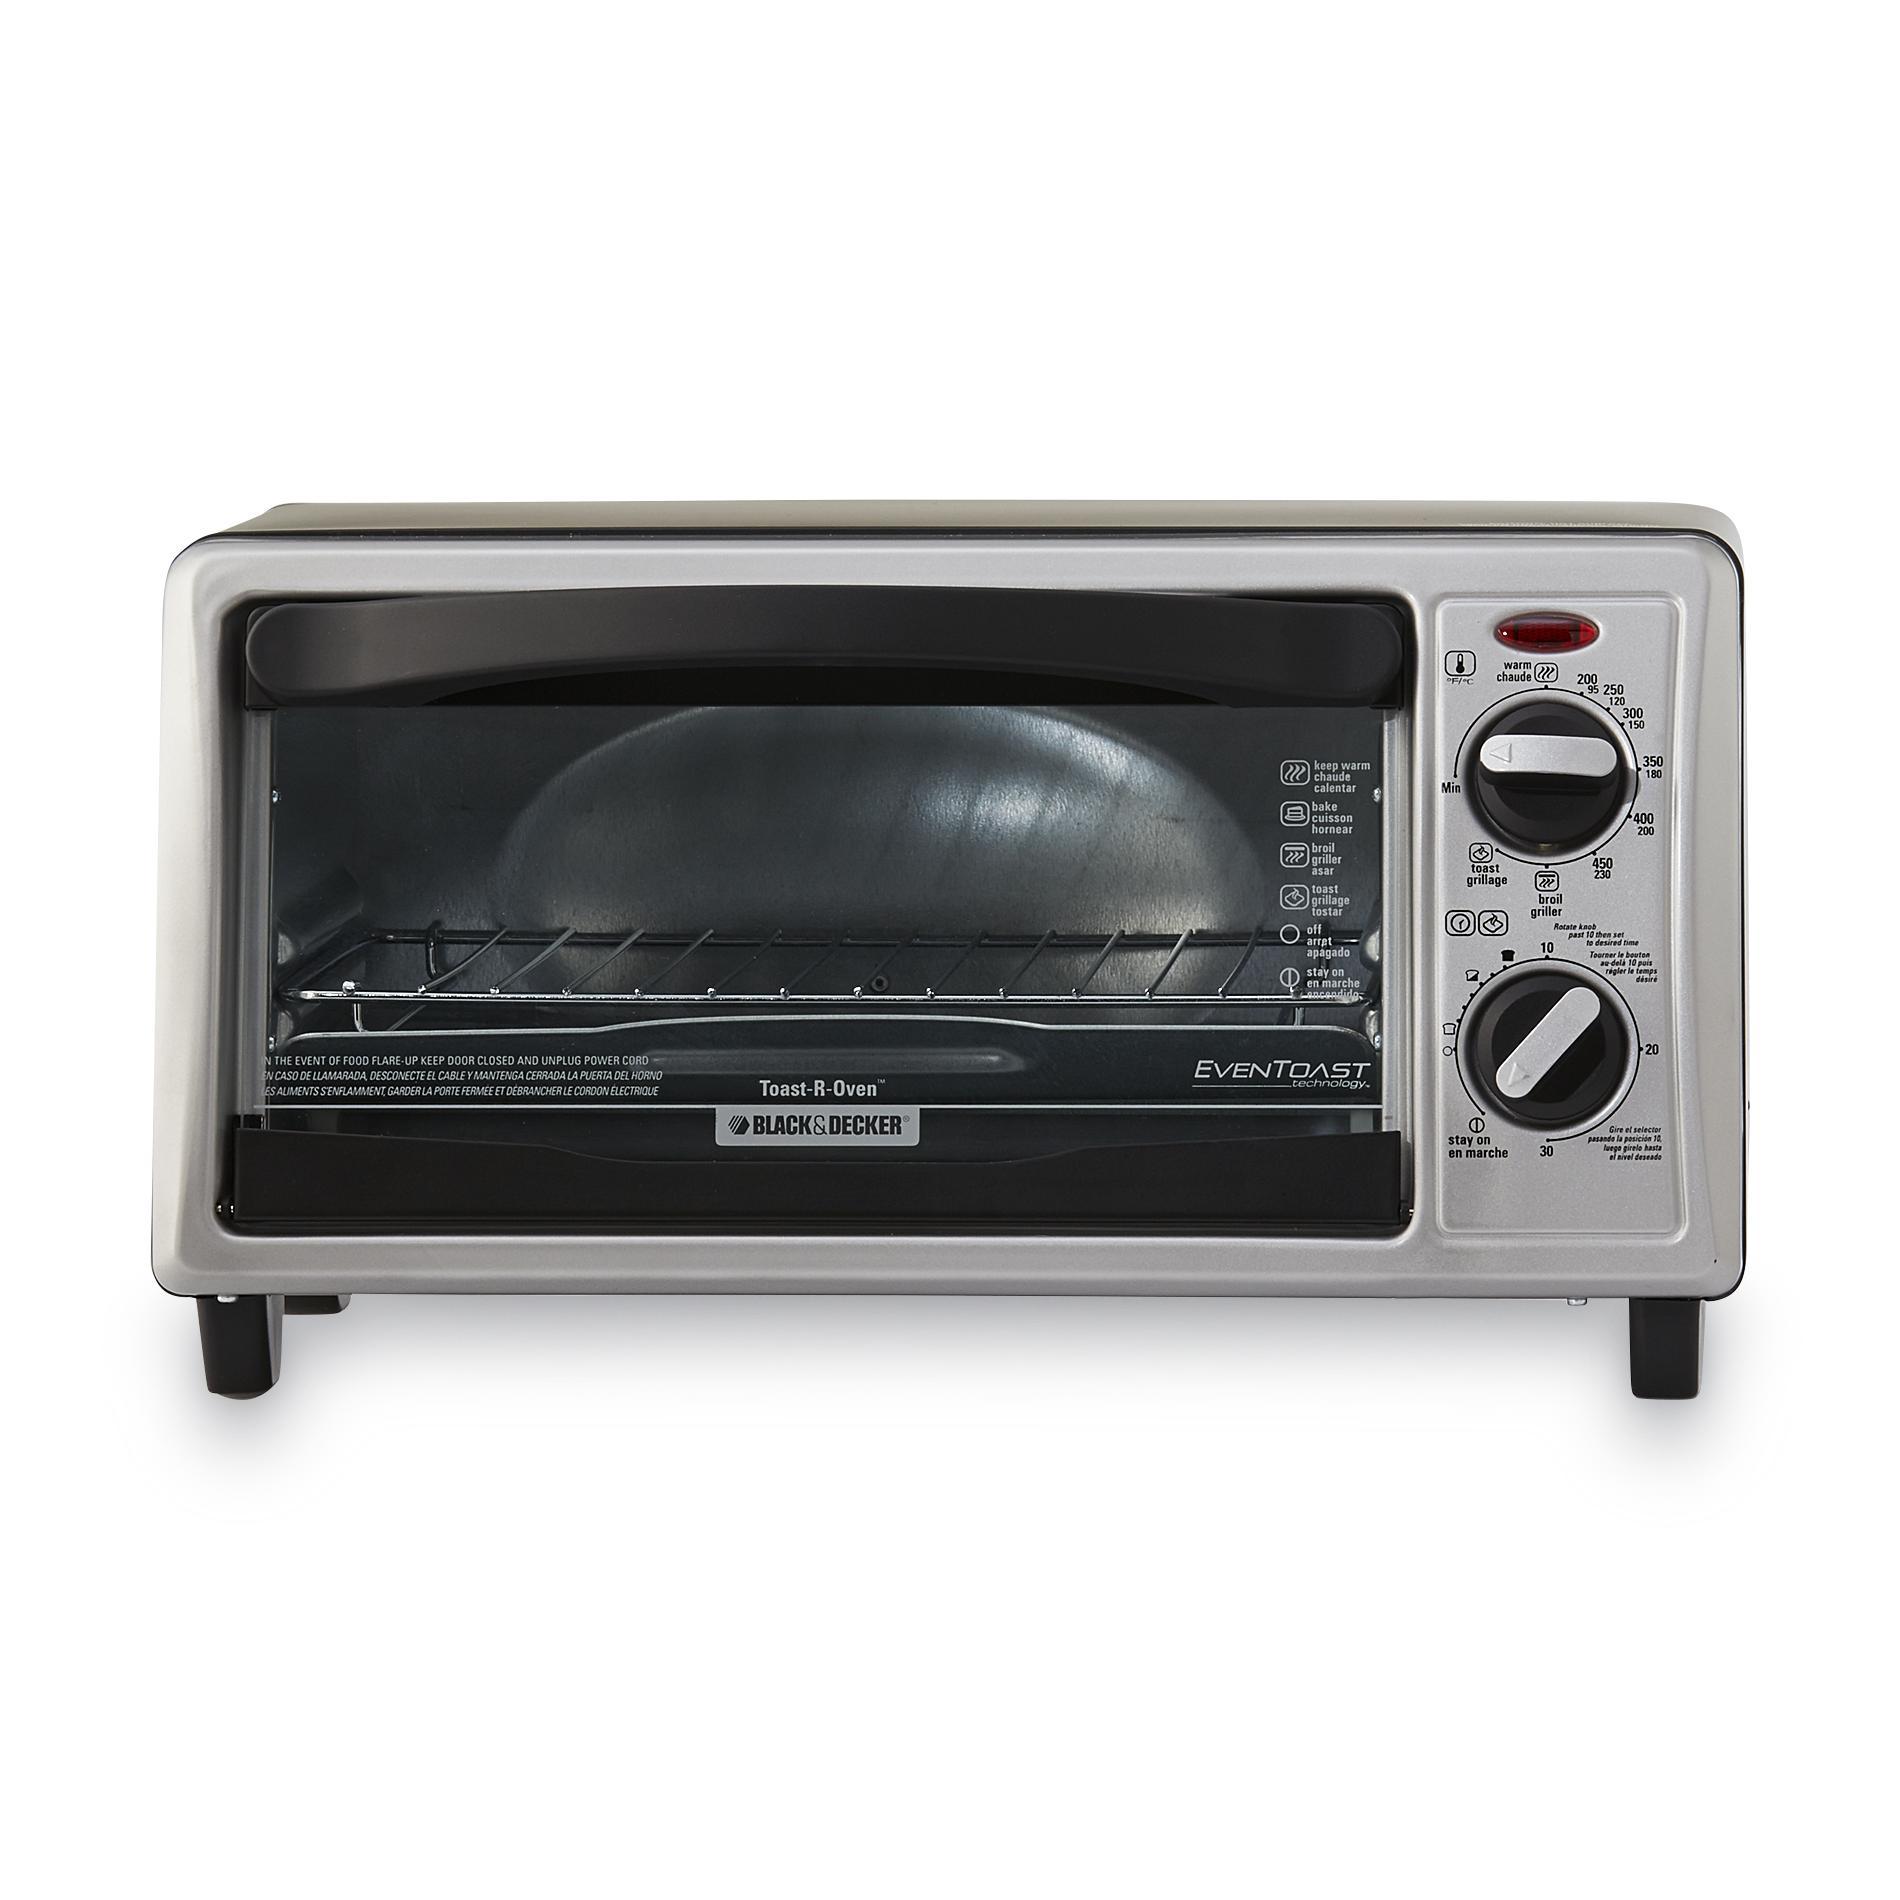 BLACK+DECKER 4-Slice Toaster Oven Silver PartNumber: 00835517000P KsnValue: 5000321 MfgPartNumber: TO1332SBD